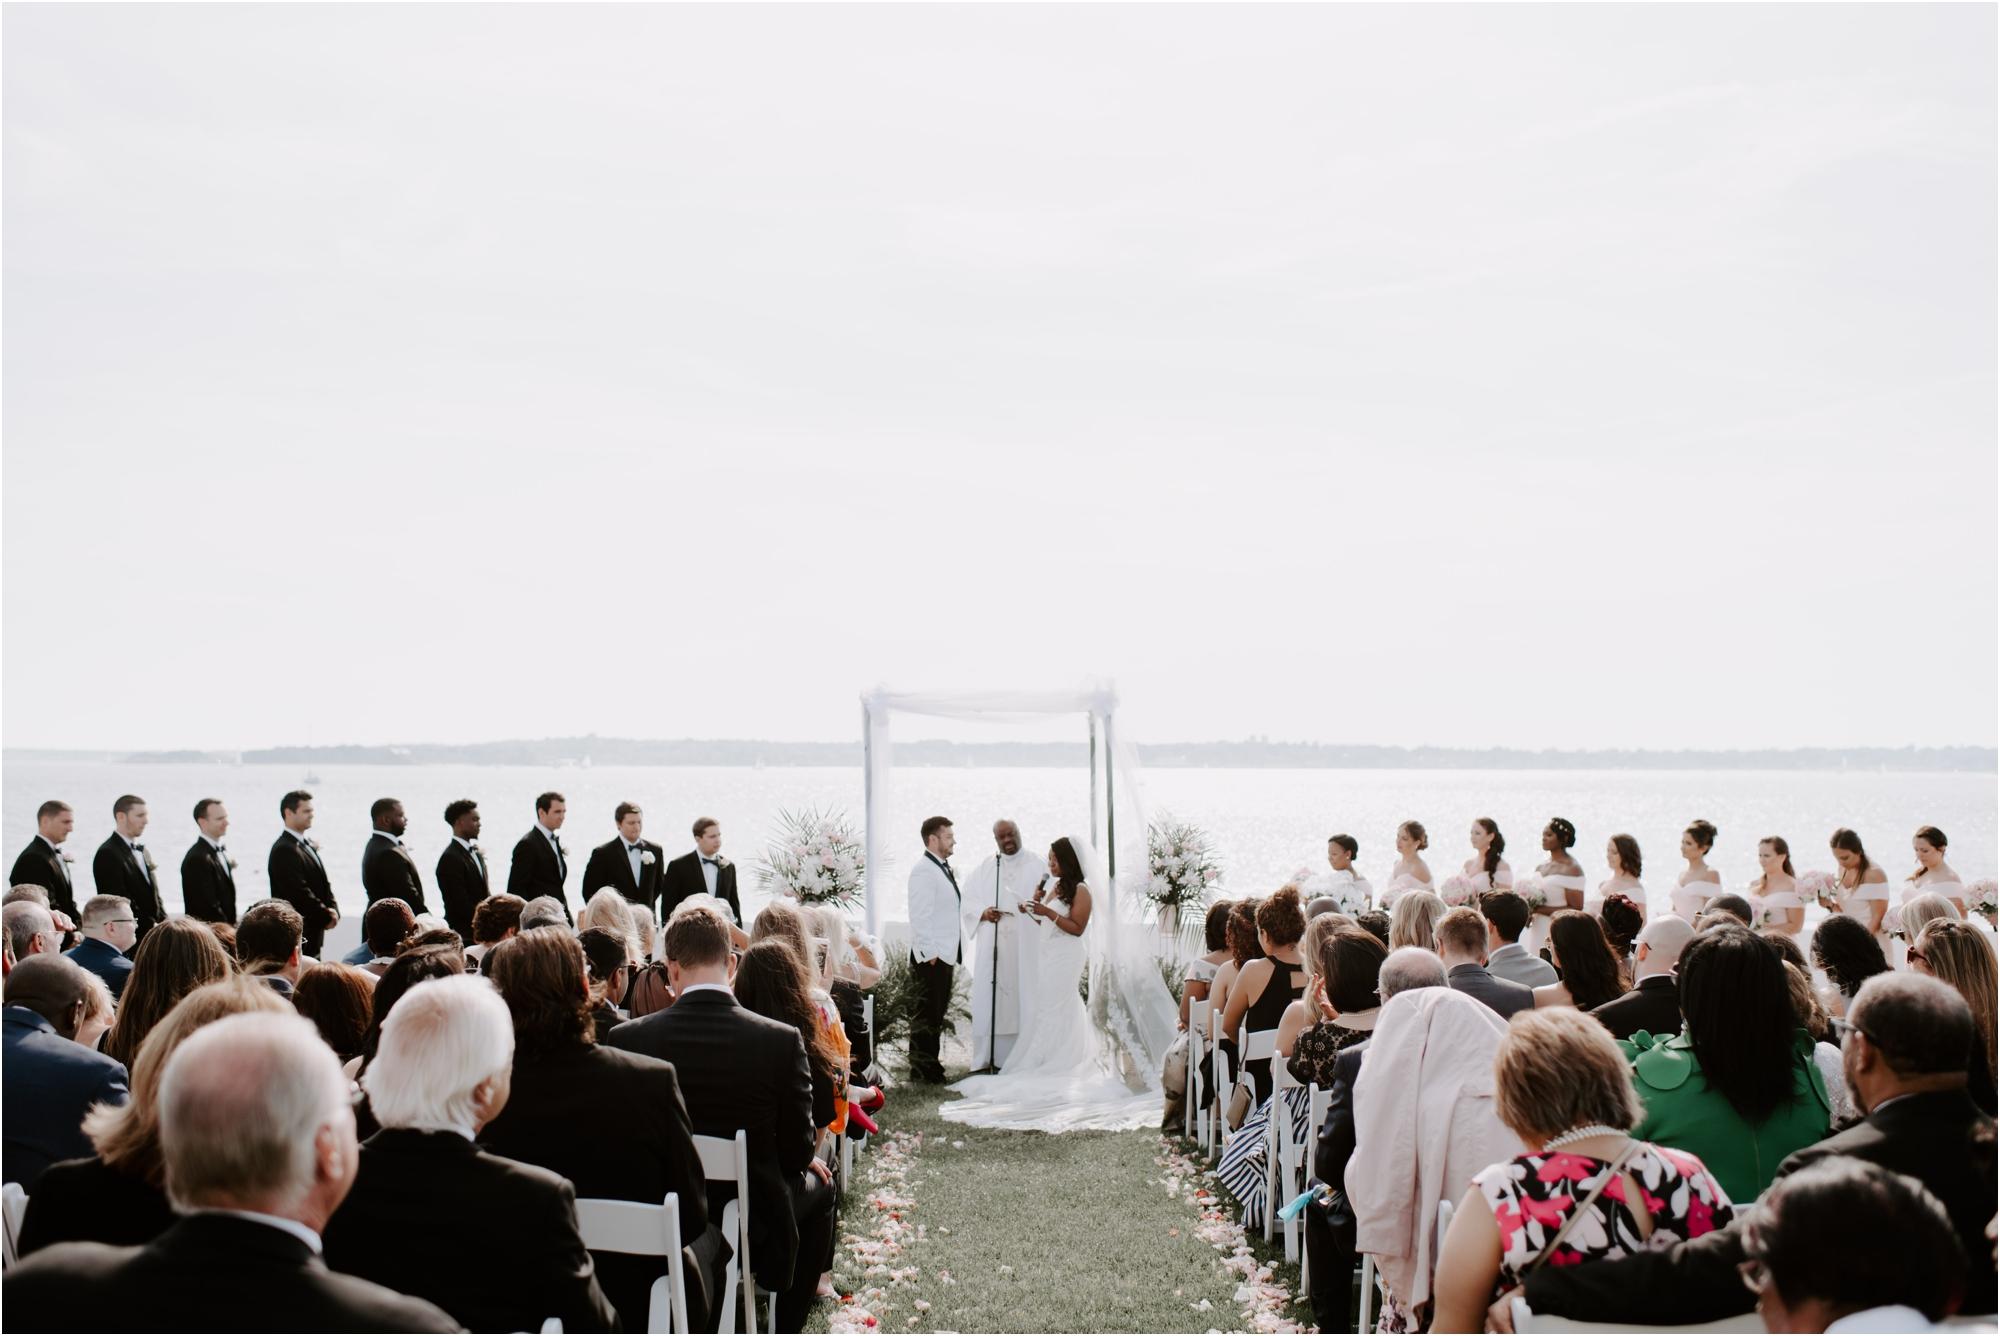 JANELLEANDJULIAN-wedding-madelinerosephotographyco_0023.jpg